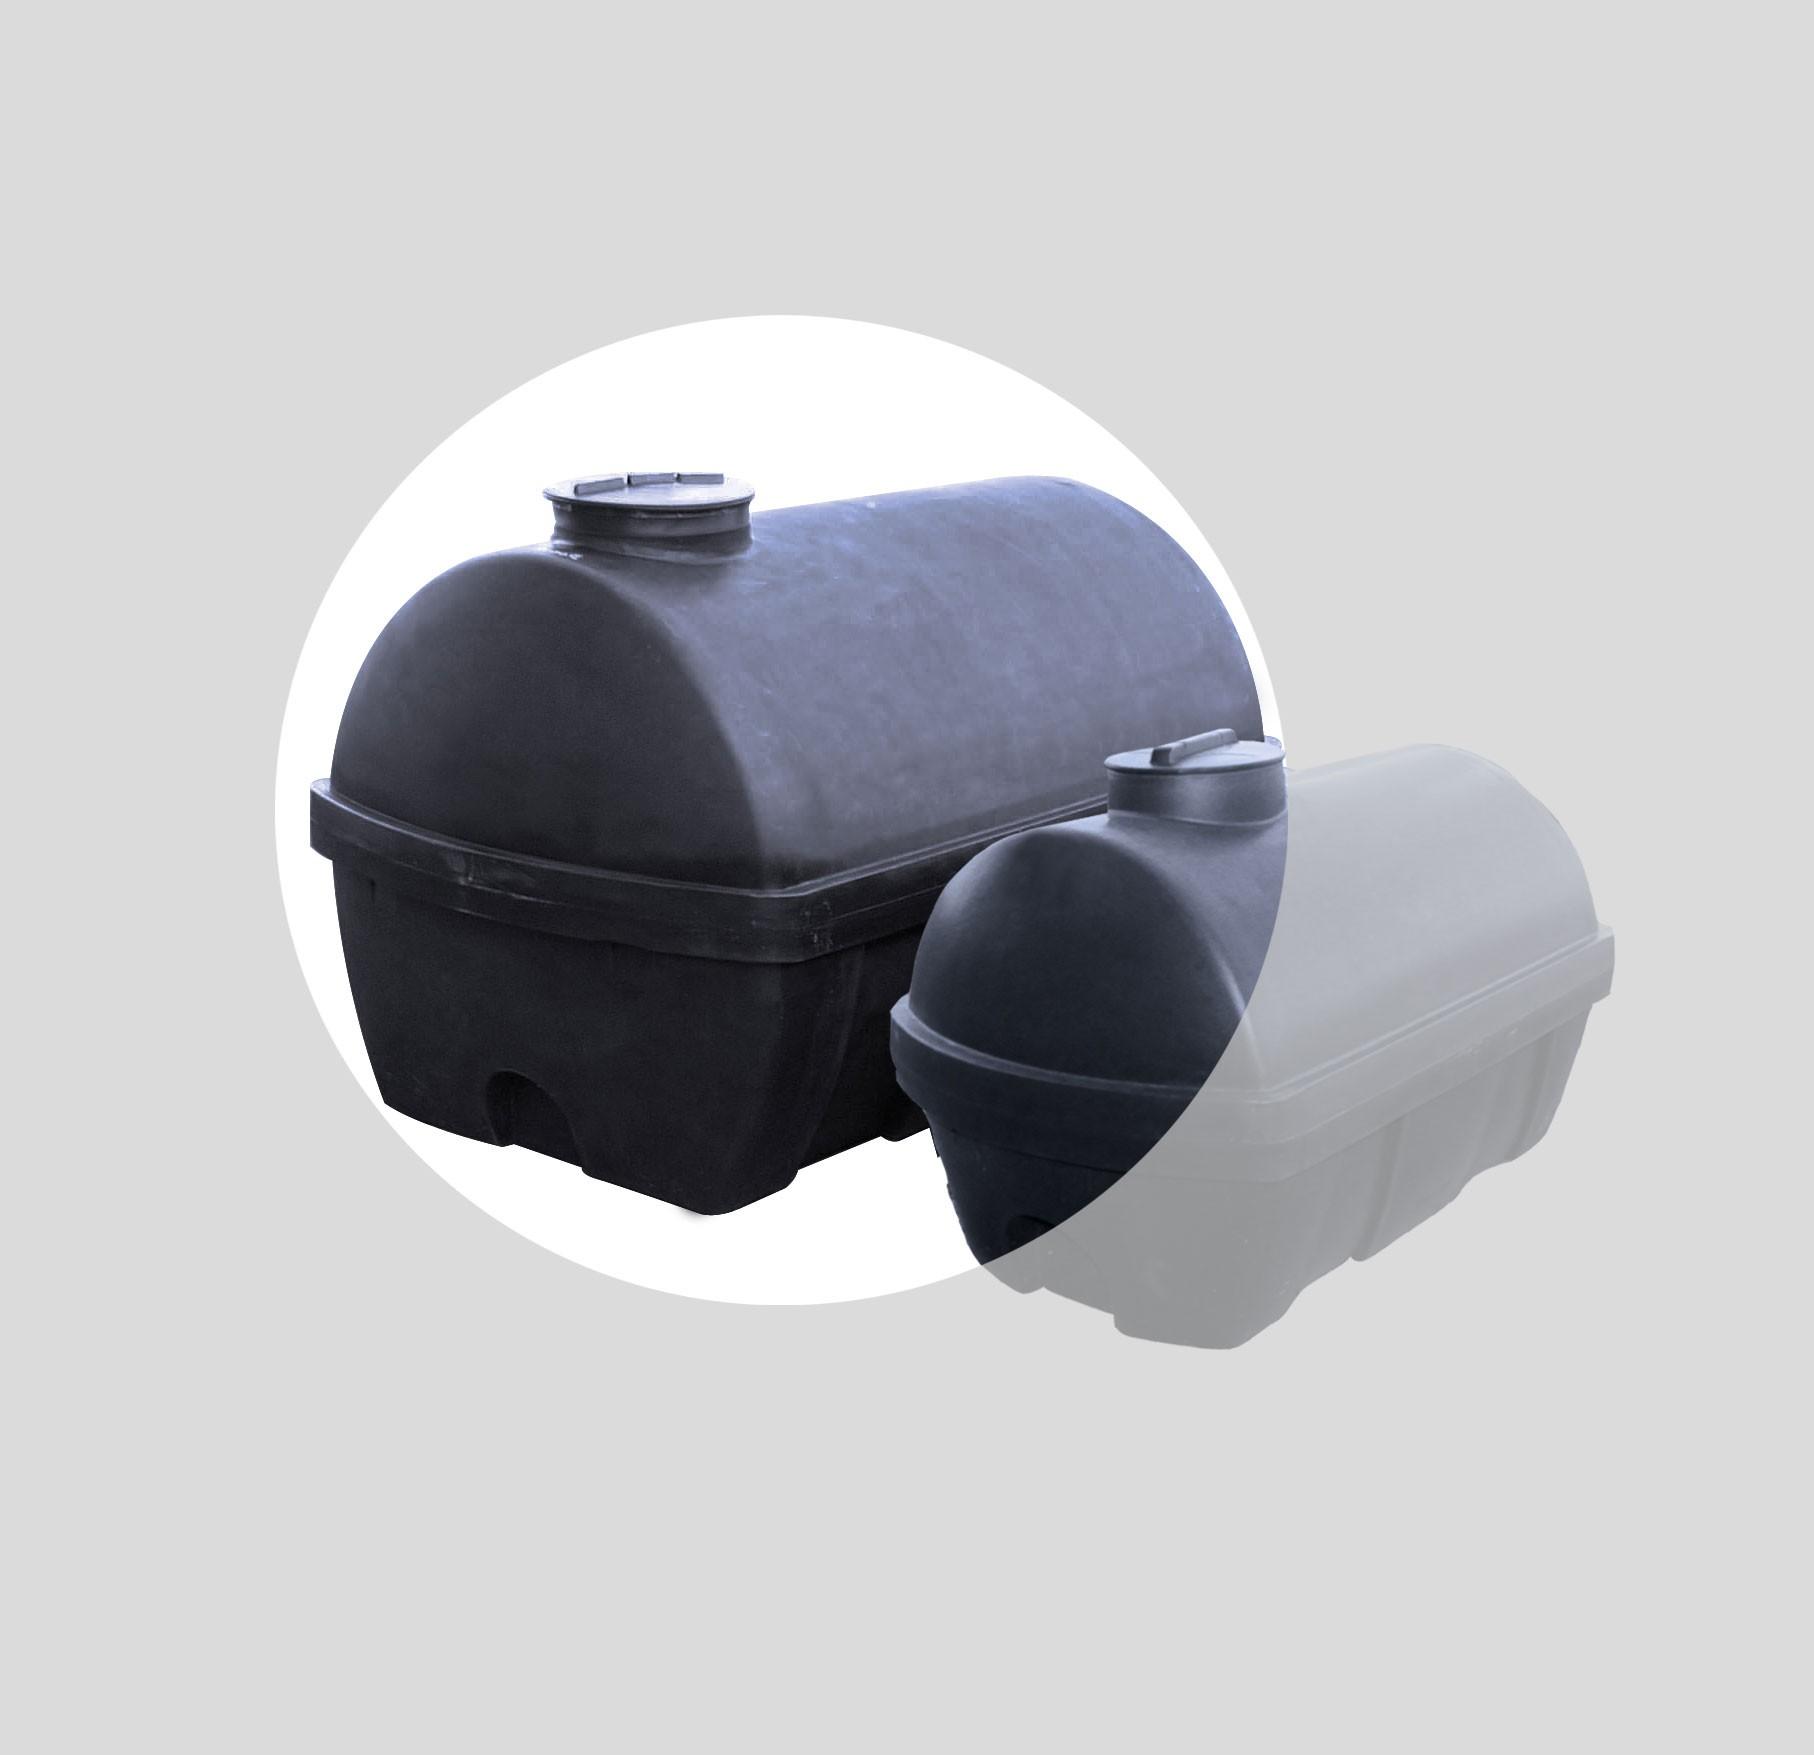 regenwasser sammeltank liegend liter graf 327052 bei. Black Bedroom Furniture Sets. Home Design Ideas